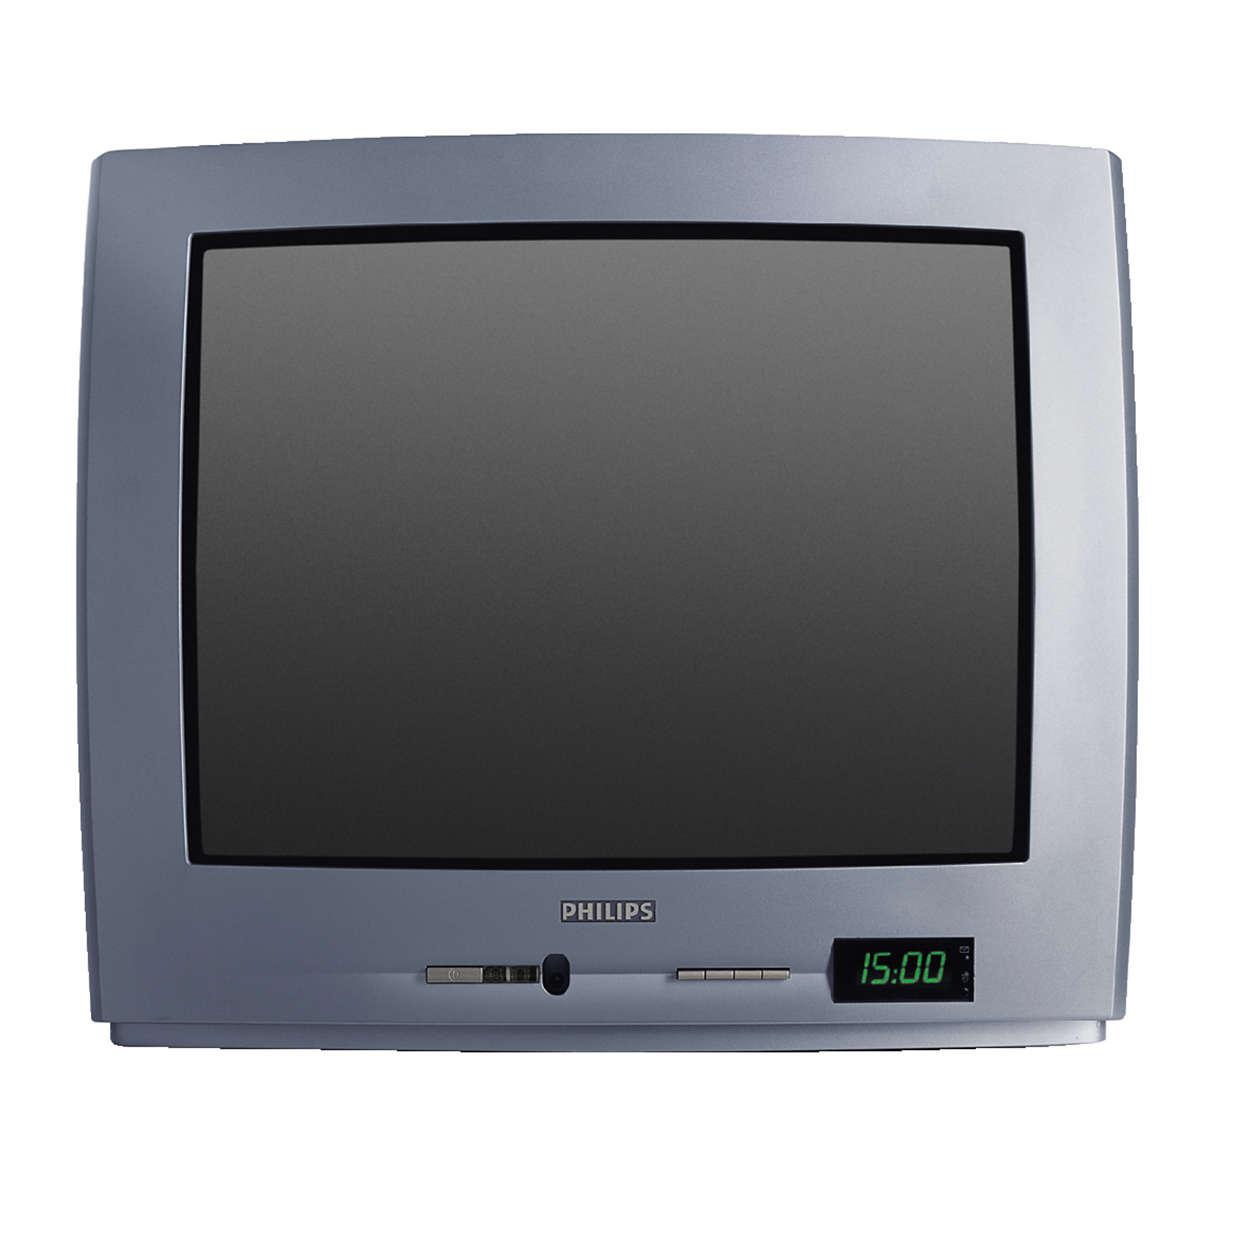 Kompakt ProPlus TV med hoteltilstand